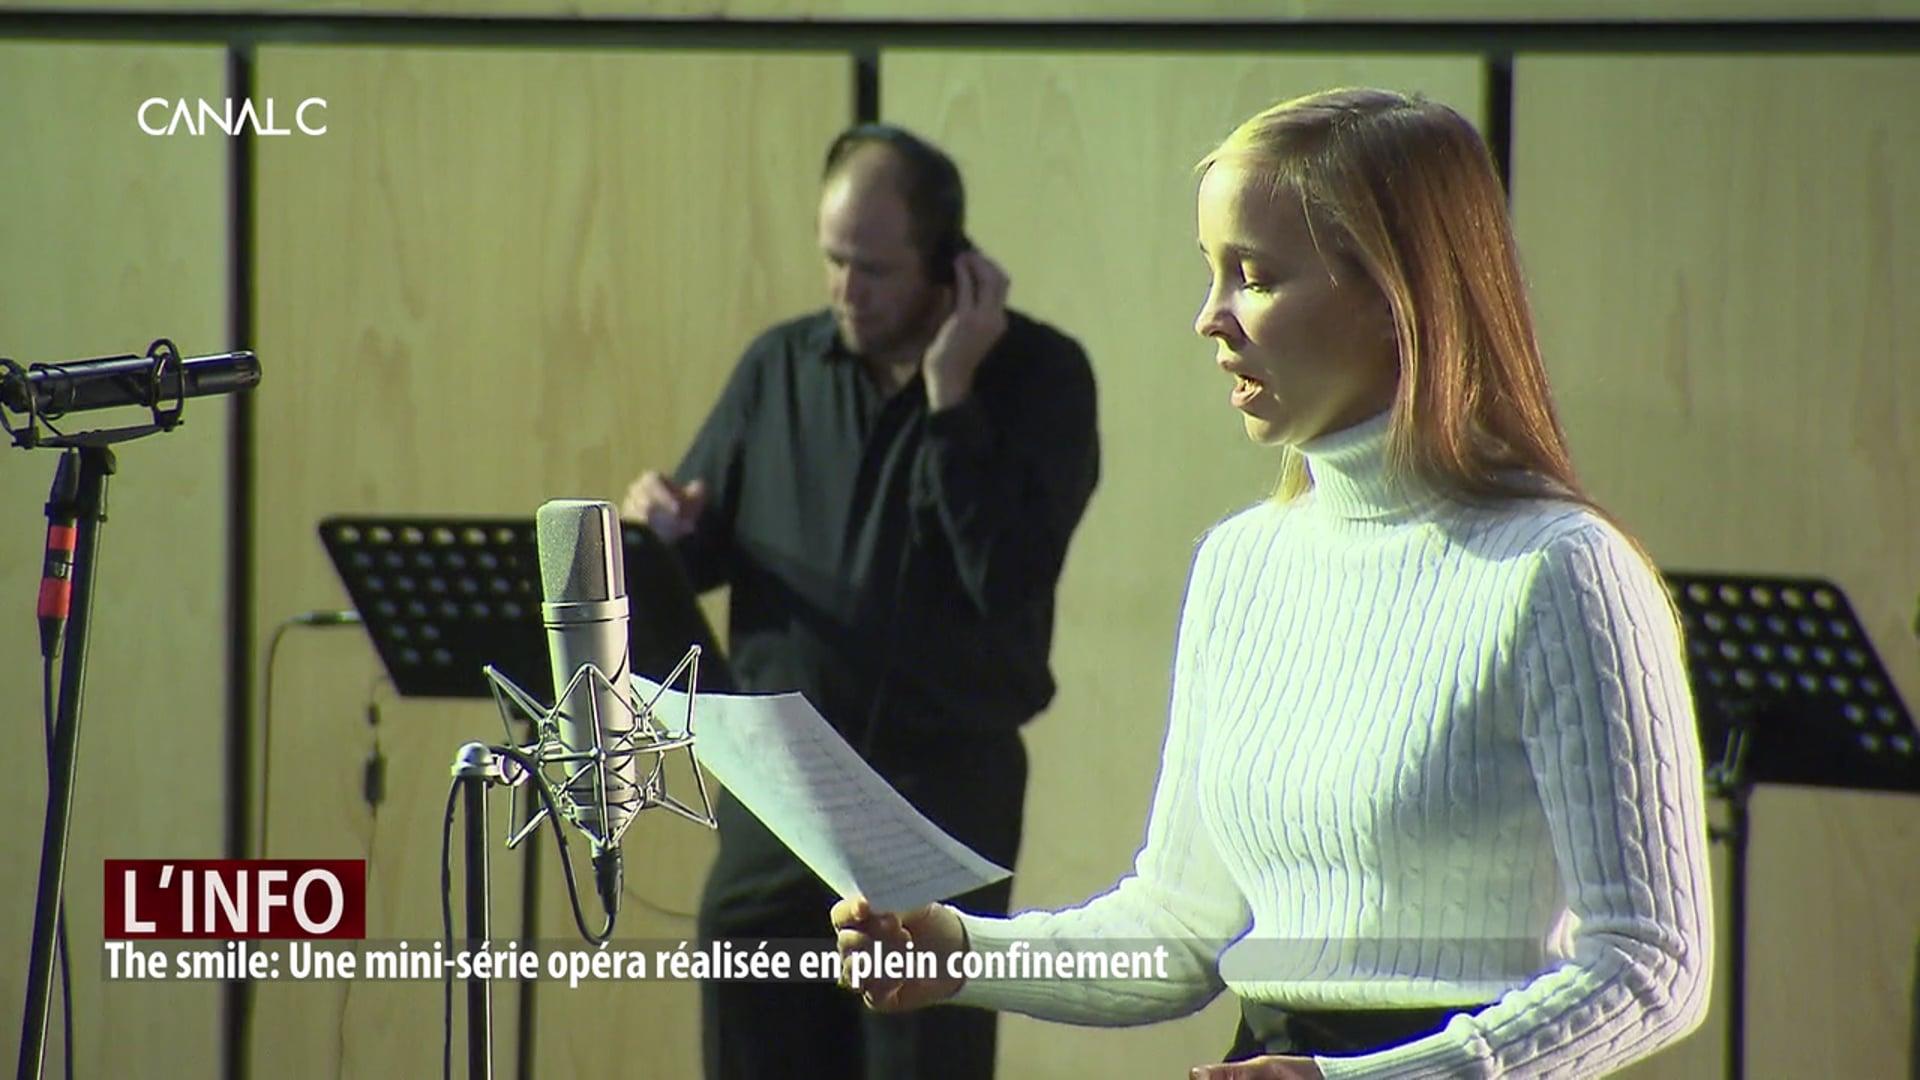 The smile Une web-série Opéra tournée à Namur – Canal C – Votre média en Province de Namur